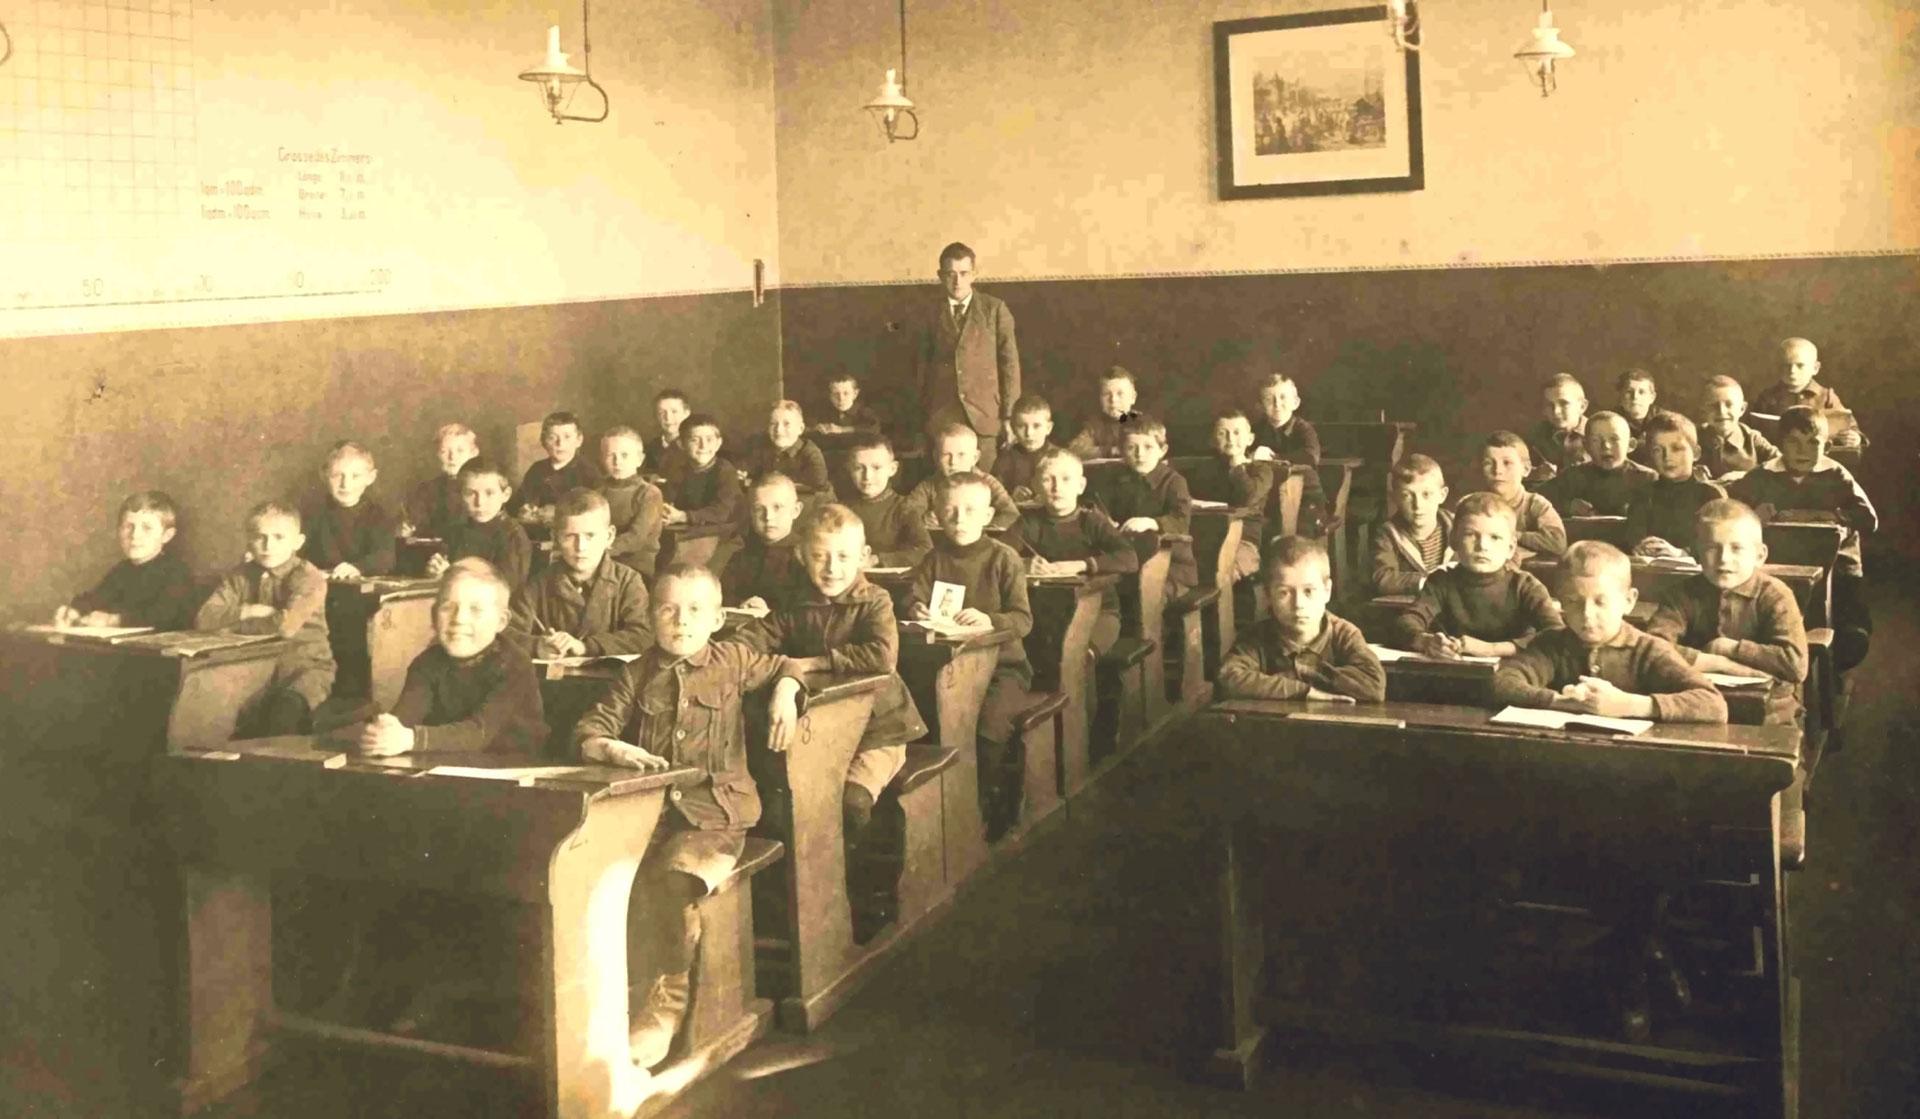 Schulmeister - Schulsystem früher - und heute? - teamwork